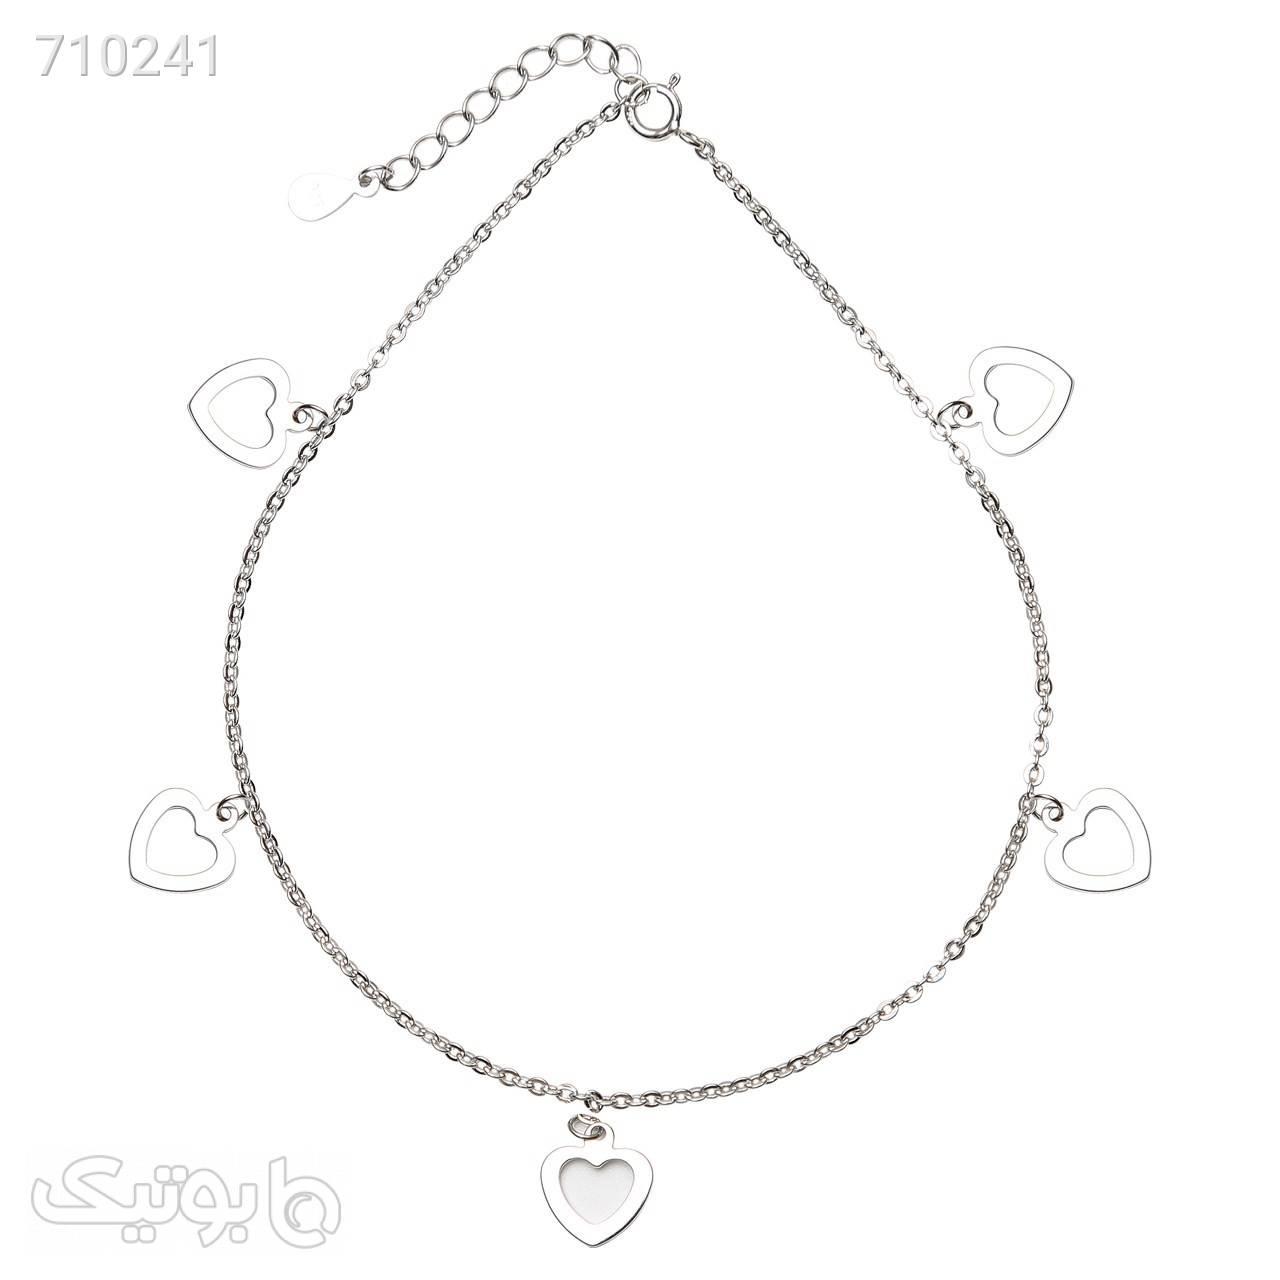 پابند نقره شهر جواهر مدل SJSAN017 دستبند و پابند